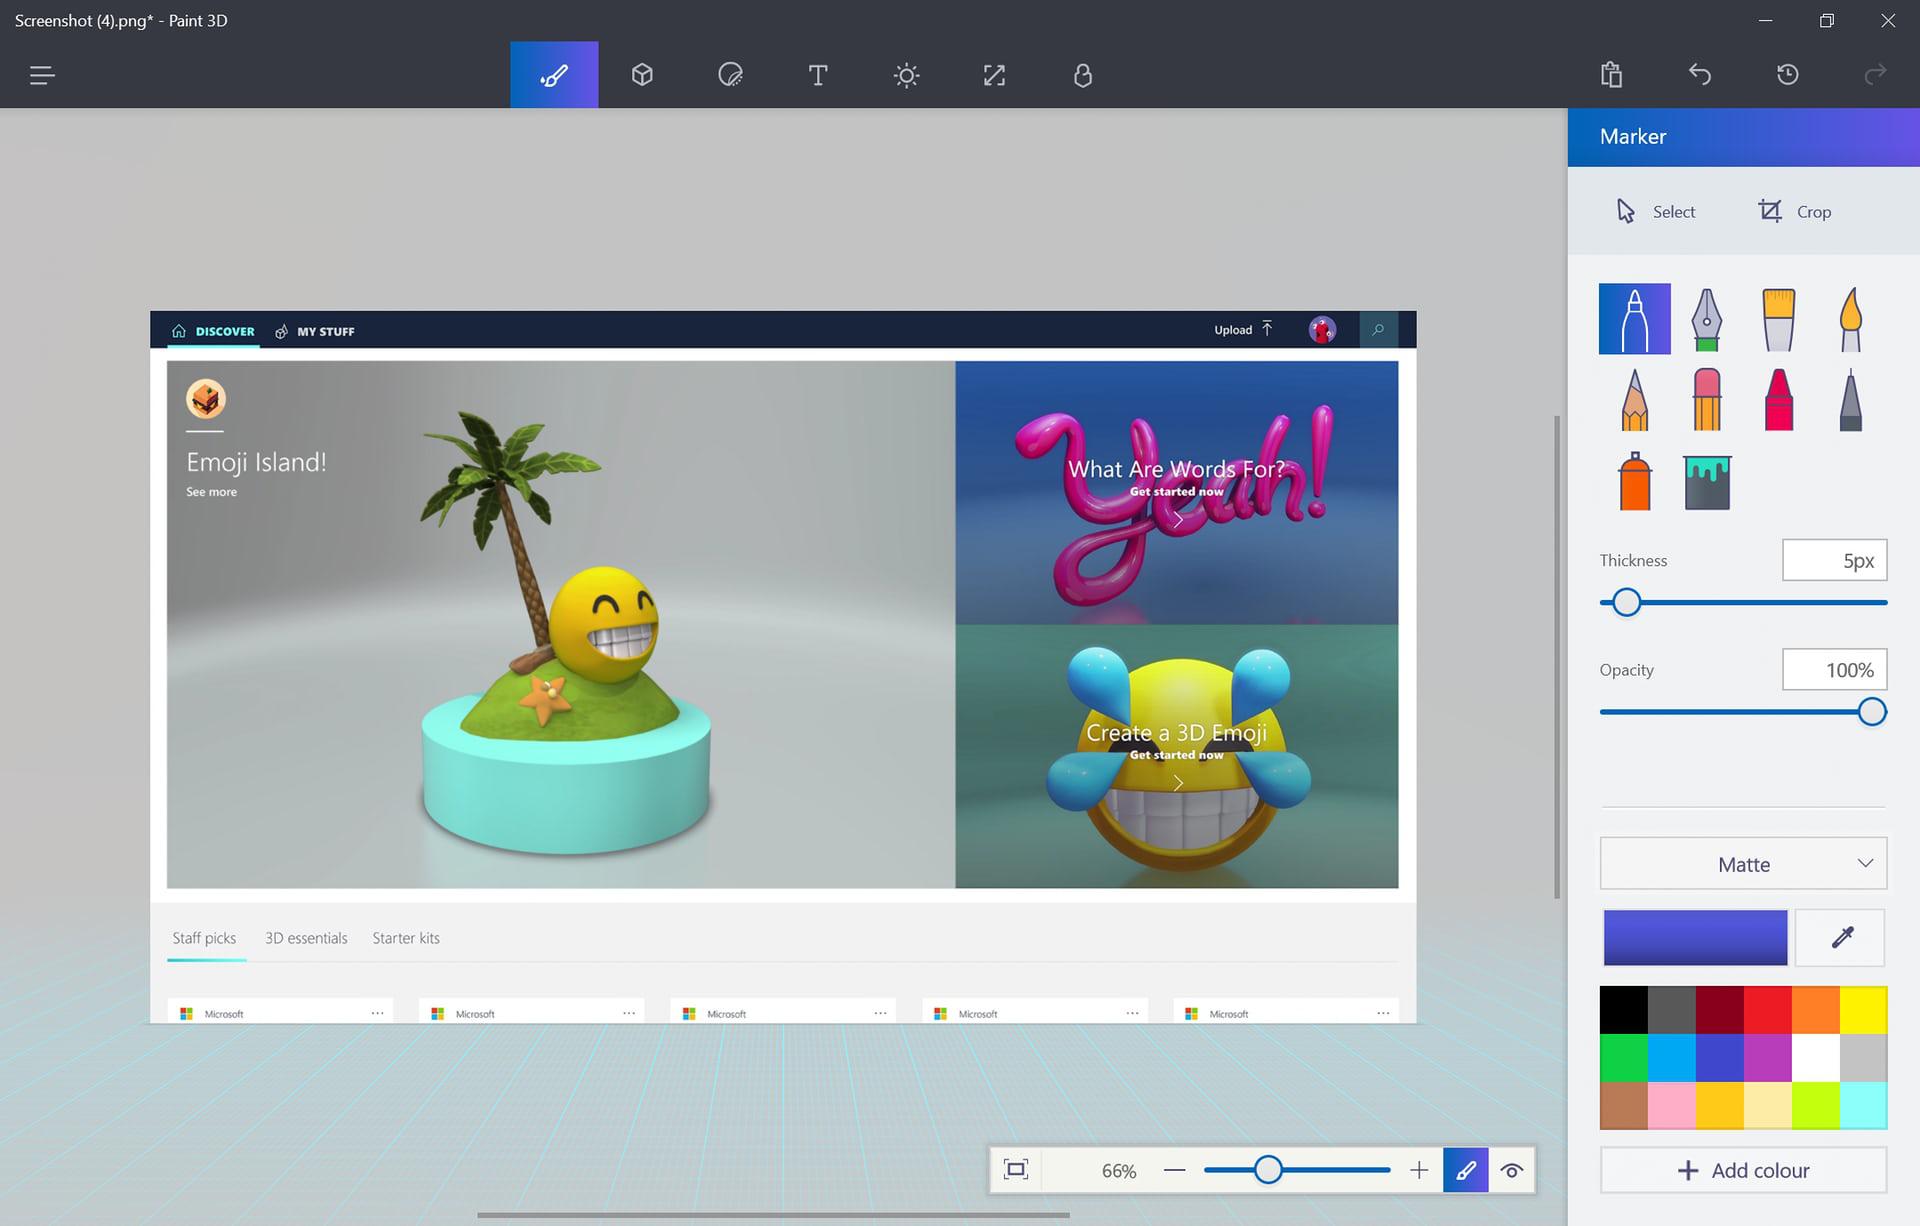 Vẽ gì thì vẽ nhanh lên bởi vì ứng dụng Paint trên Windows sắp bị Microsoft